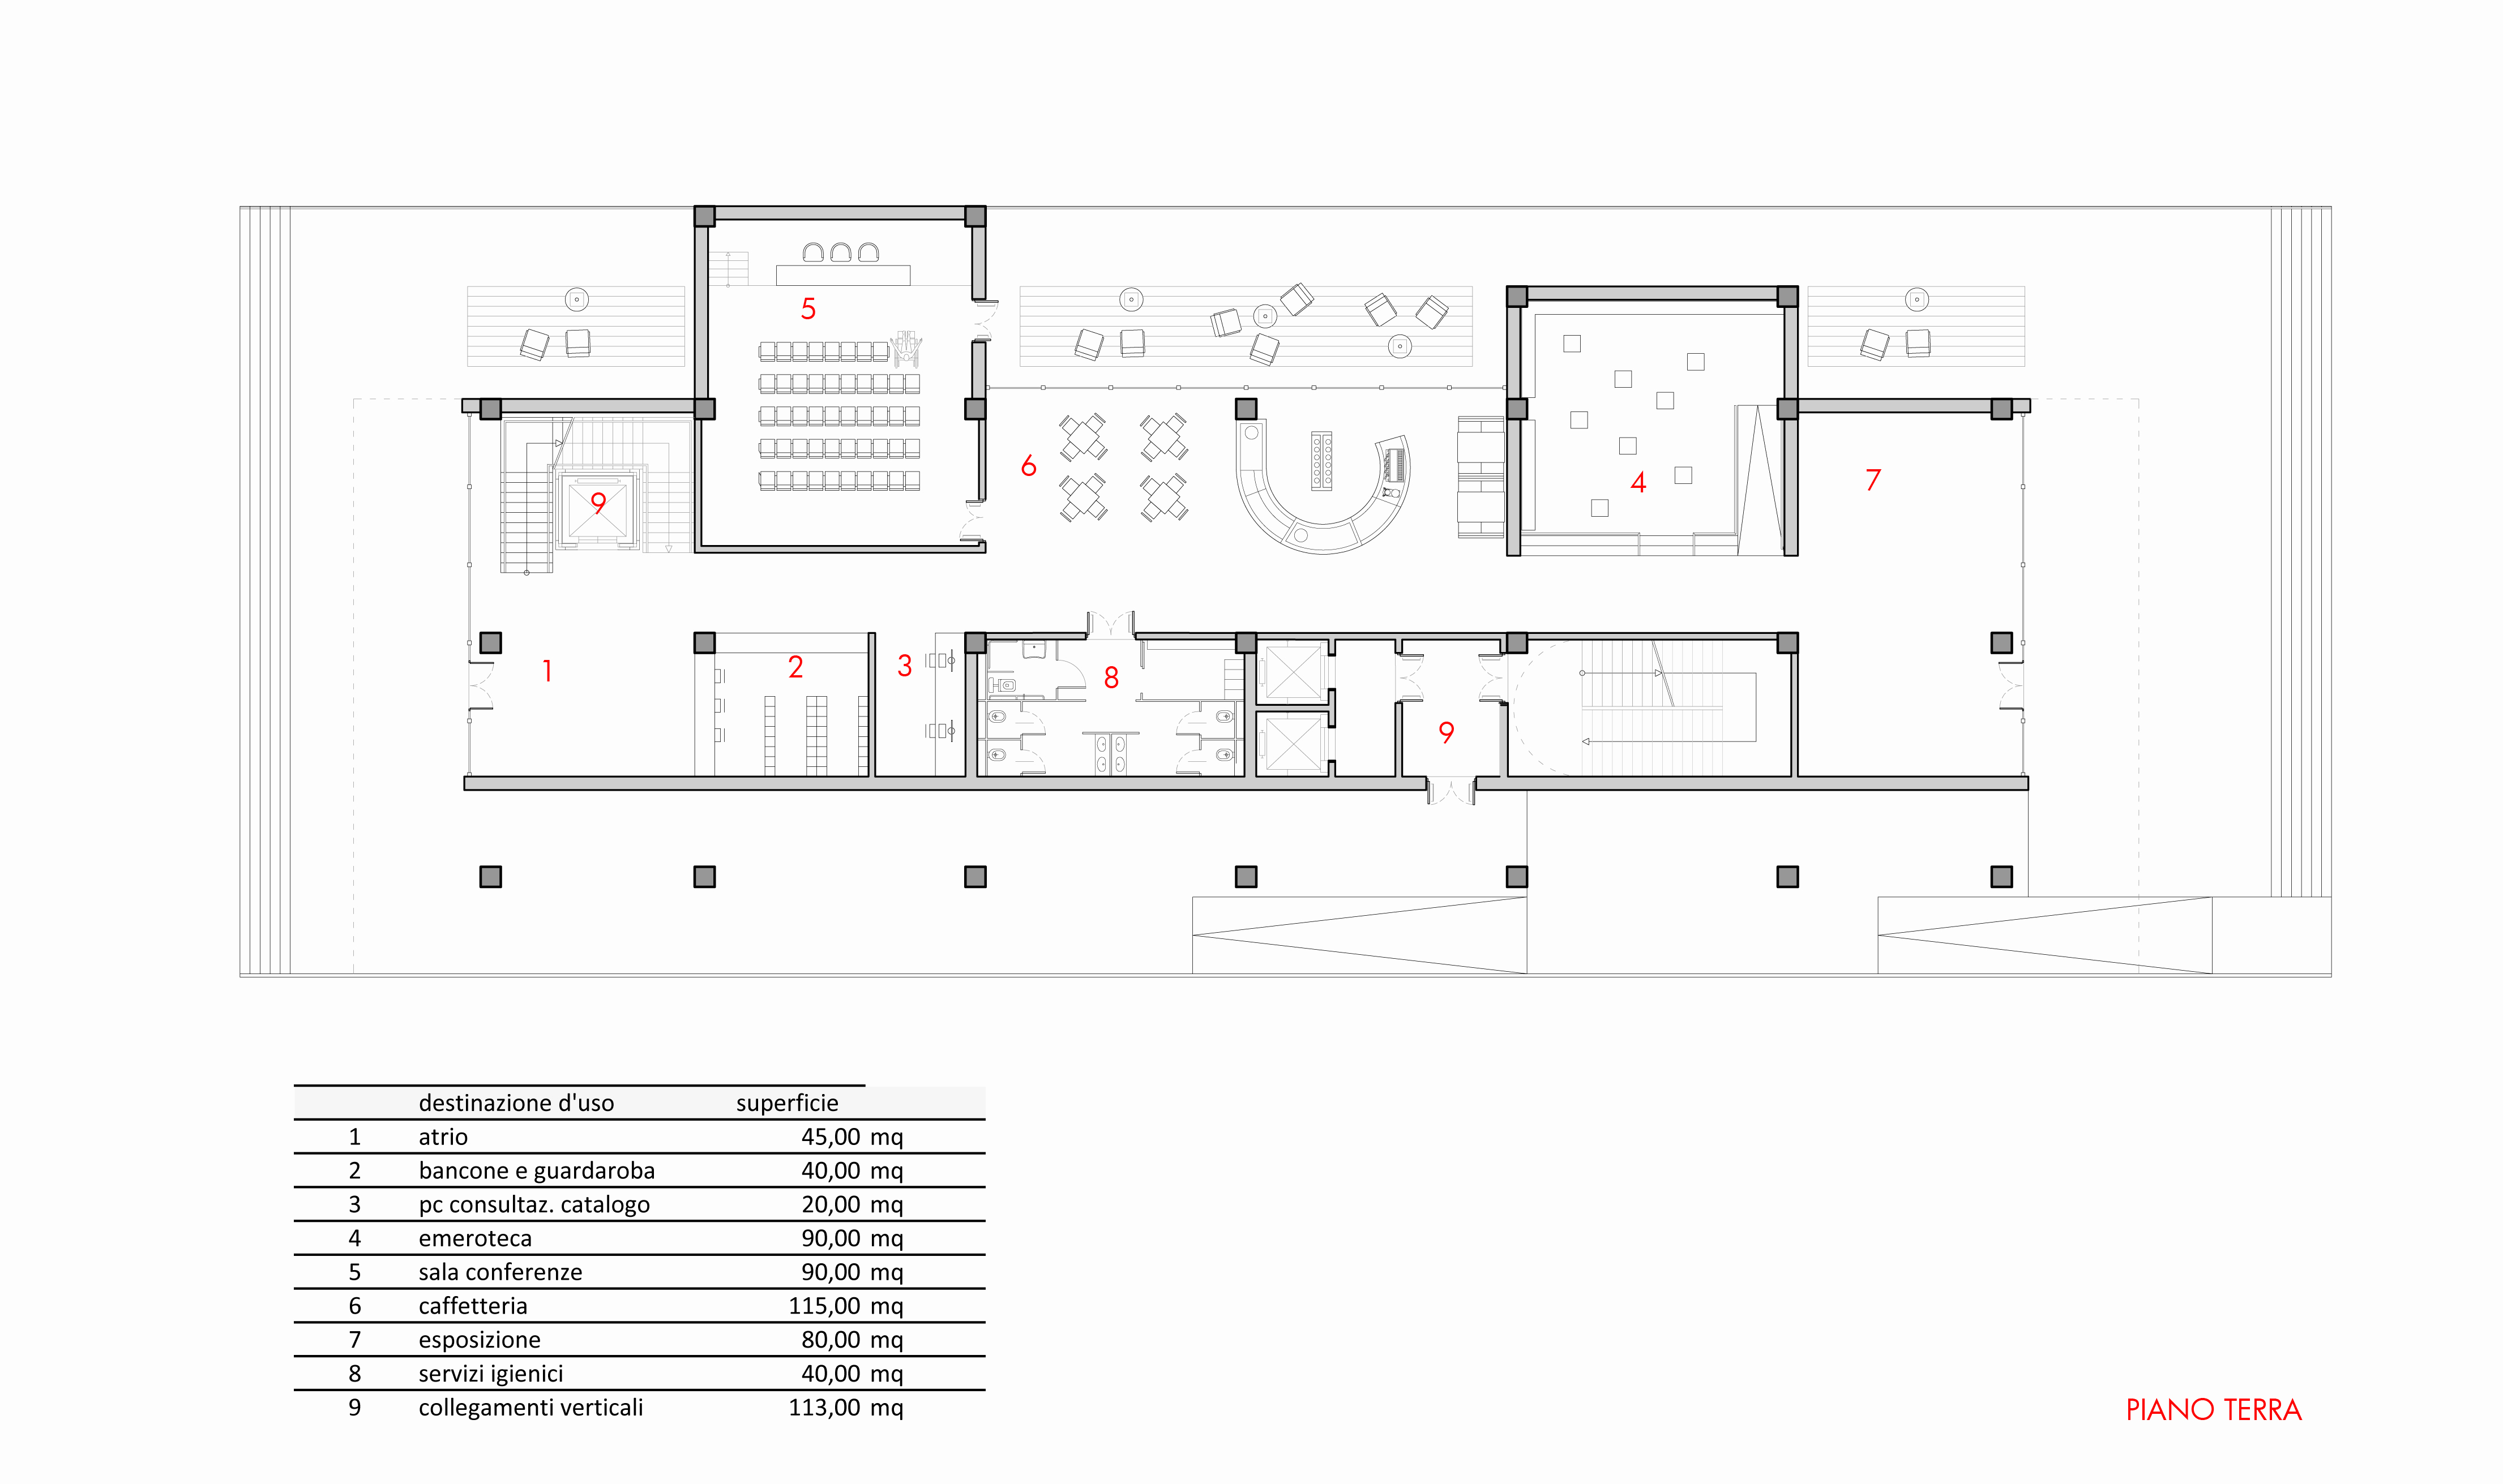 Consegna 2 boni carducci laboratori di progettazione 3m for Strumento di layout piano terra